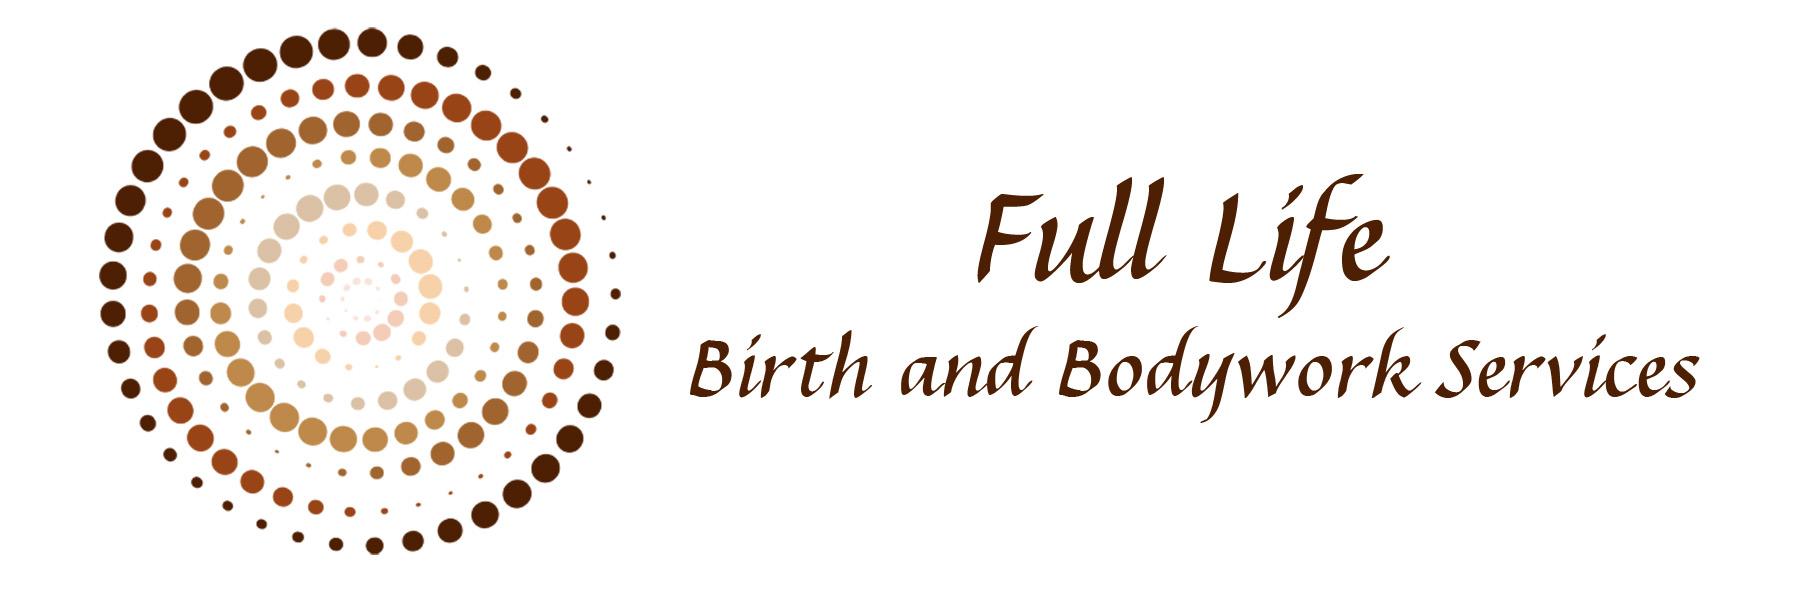 Full Life Logo Banner 1.19.jpg